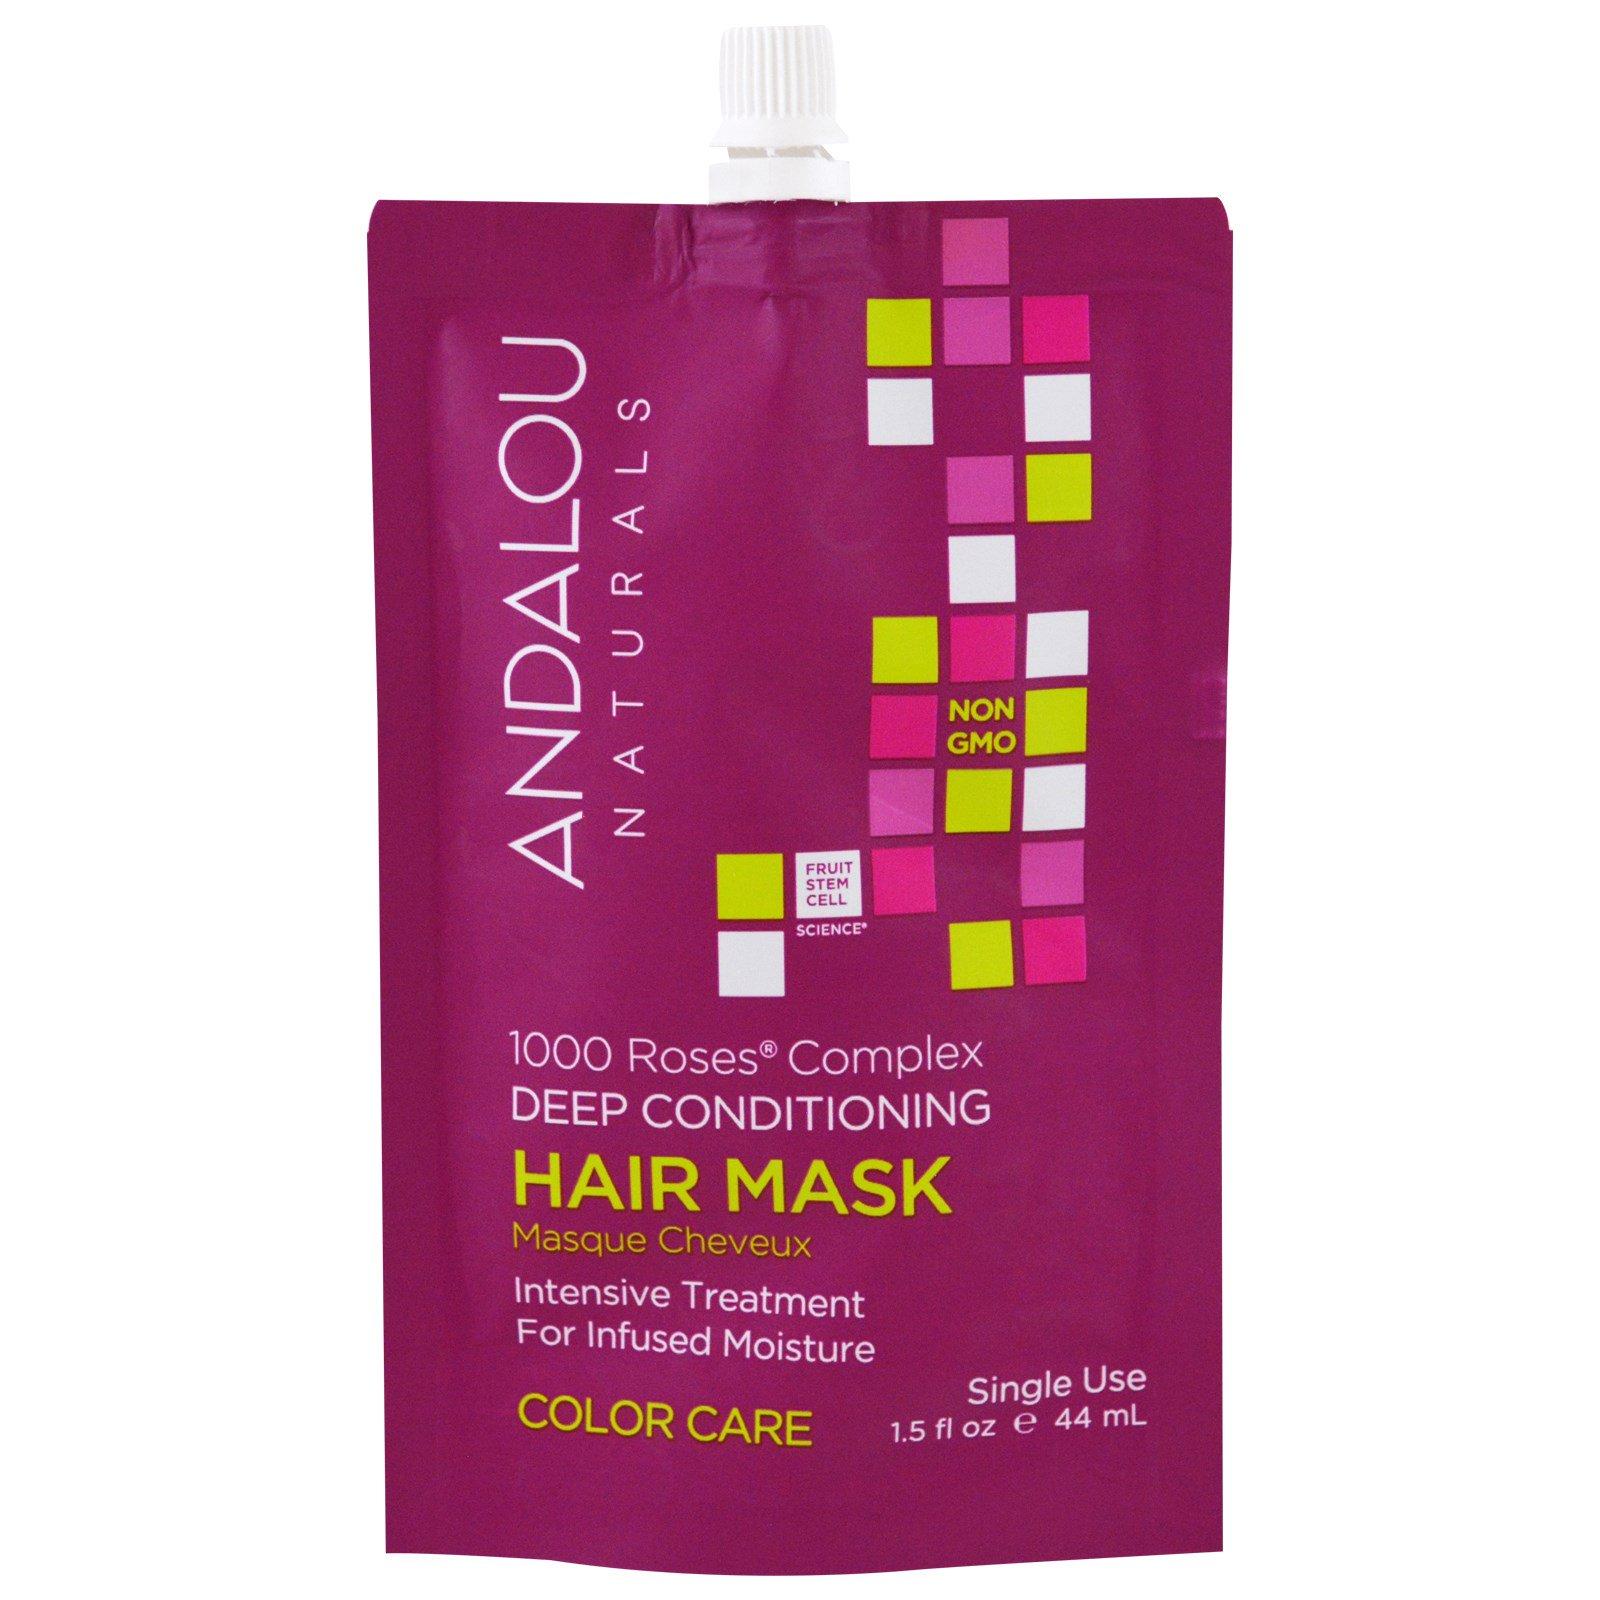 Andalou Naturals, 1000 Roses Complex, Глубокое Кондиционирование Крашеных Волос, Маска дла Волос, 1,5 жидких унций (44 мл)